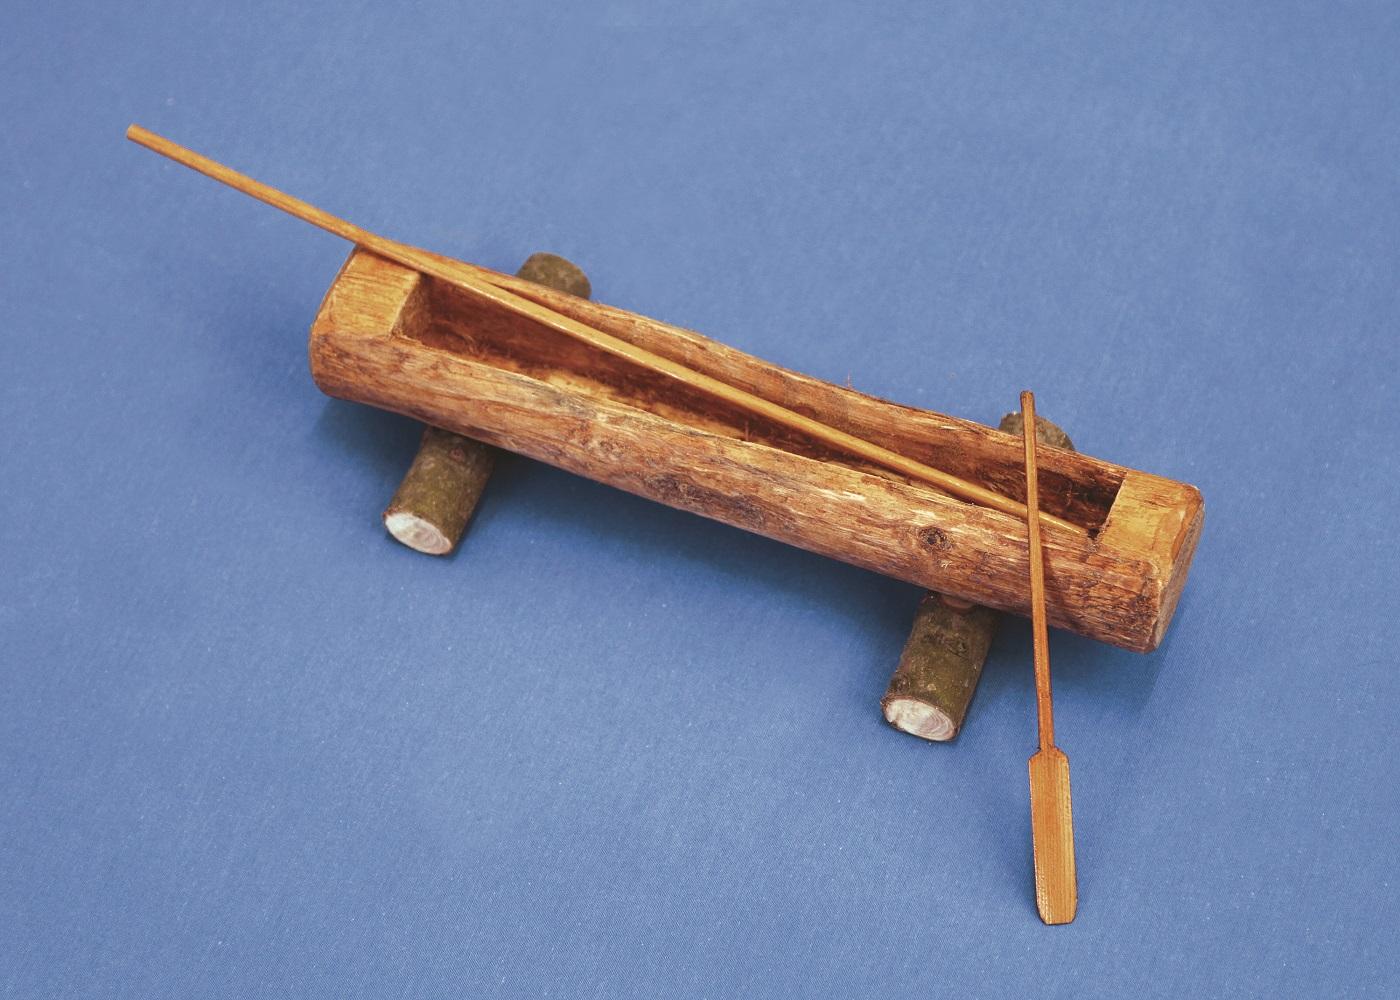 Το μονόξυλο ήταν ένας κορμός δέντρου, ο οποίος είχε καθαριστεί από τα κλαδιά. Η διάνοιξη της εσωτερικής κοιλότητας με τη χρήση λίθινου εργαλείου. Η πλεύση του εξασφαλιζόταν με πλατιά κουπιά.